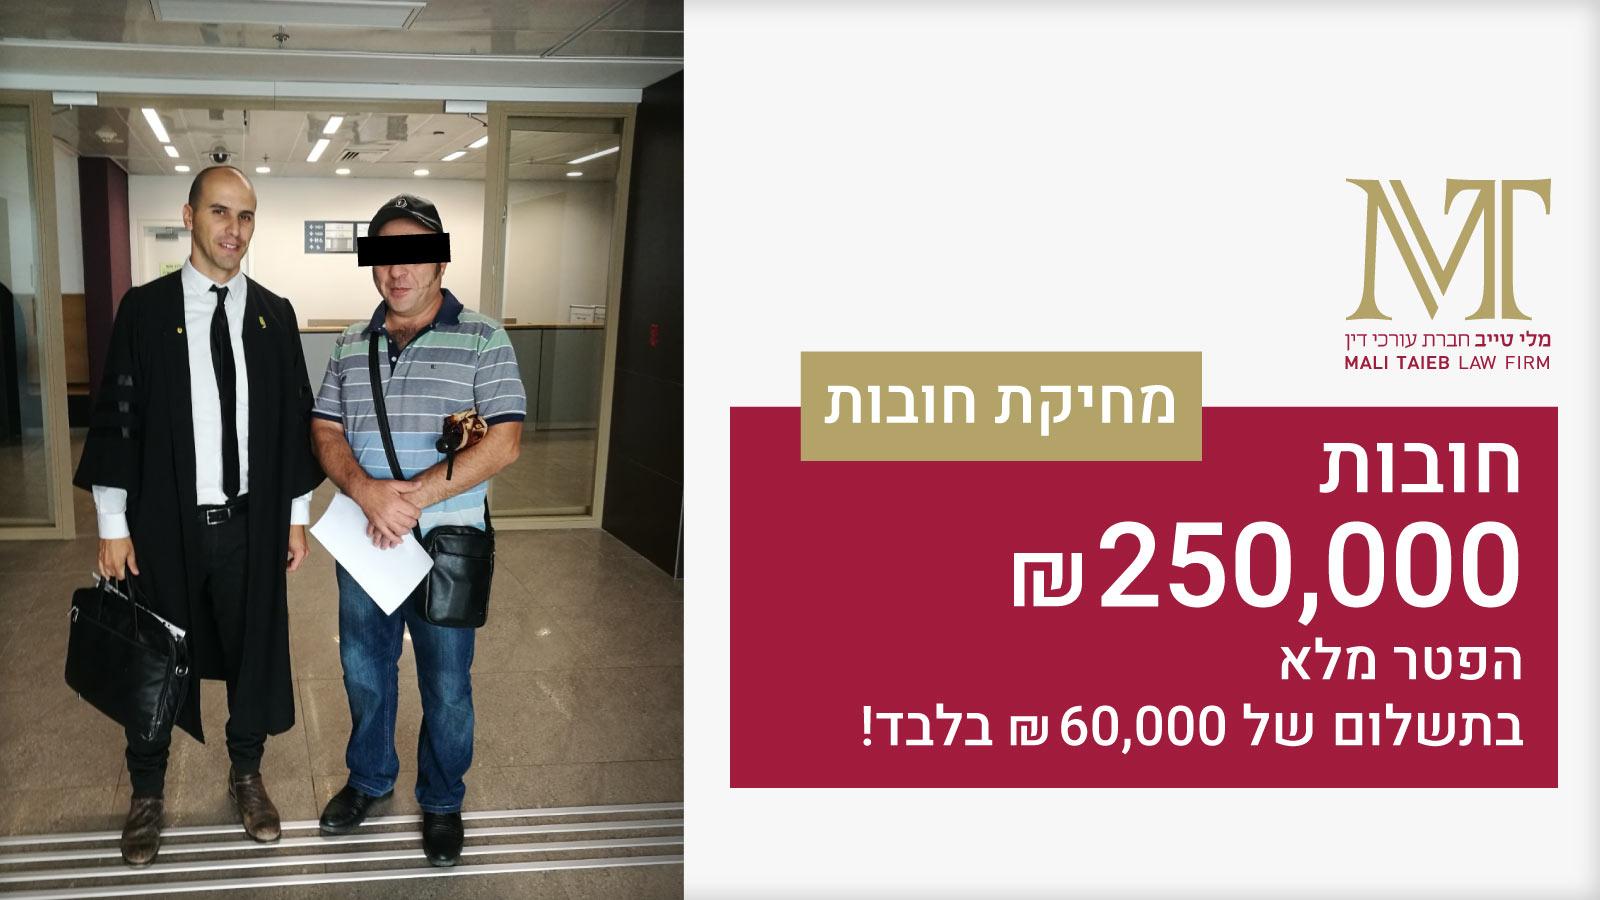 מחיקת חובות של 250,000 אלף ₪ בהפטר מלא של 60,000 ₪ בלבד - חברת עורכי דין מלי טייב